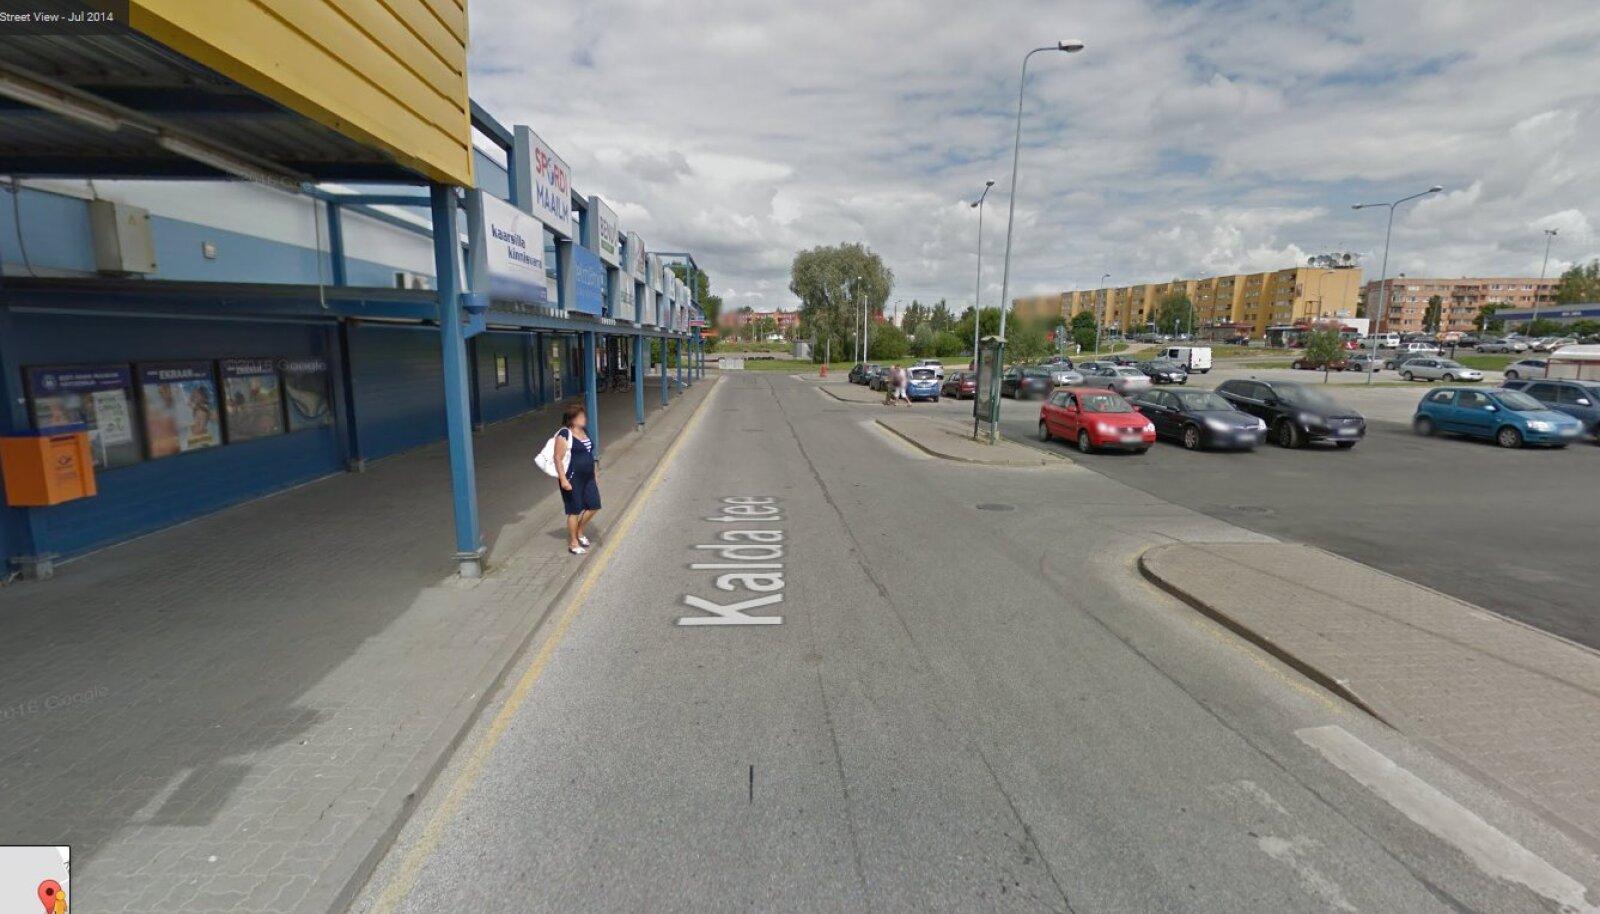 Tartu, Kalda tee 43 juures (Google Street View ekraanitõmmis)